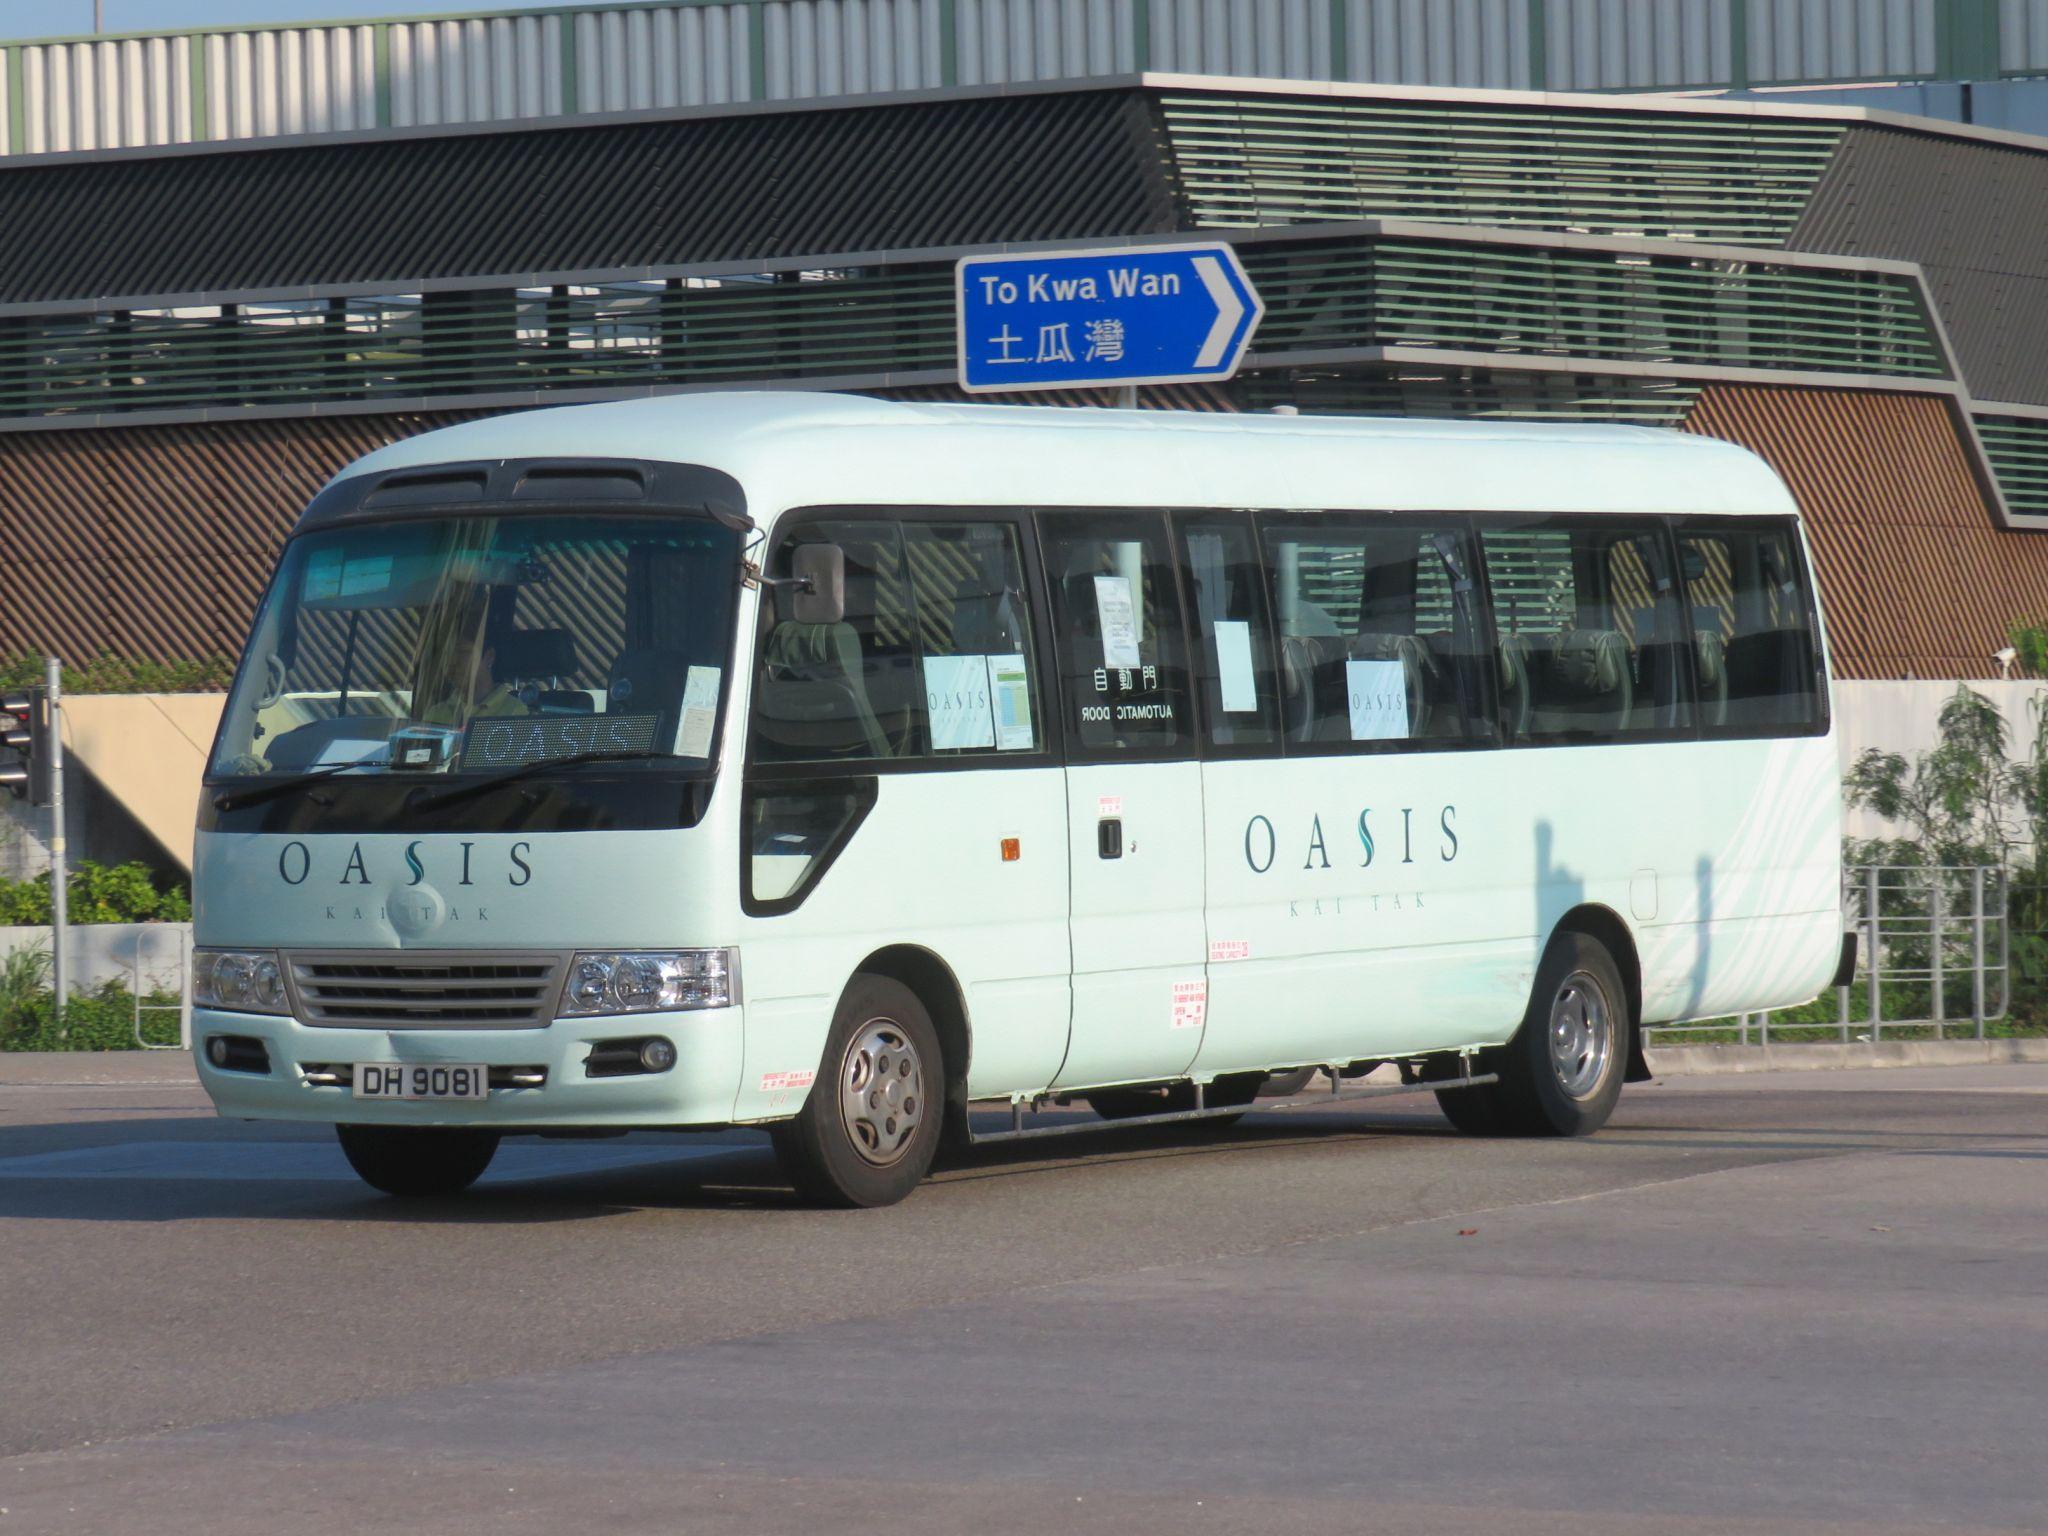 居民巴士KR55線